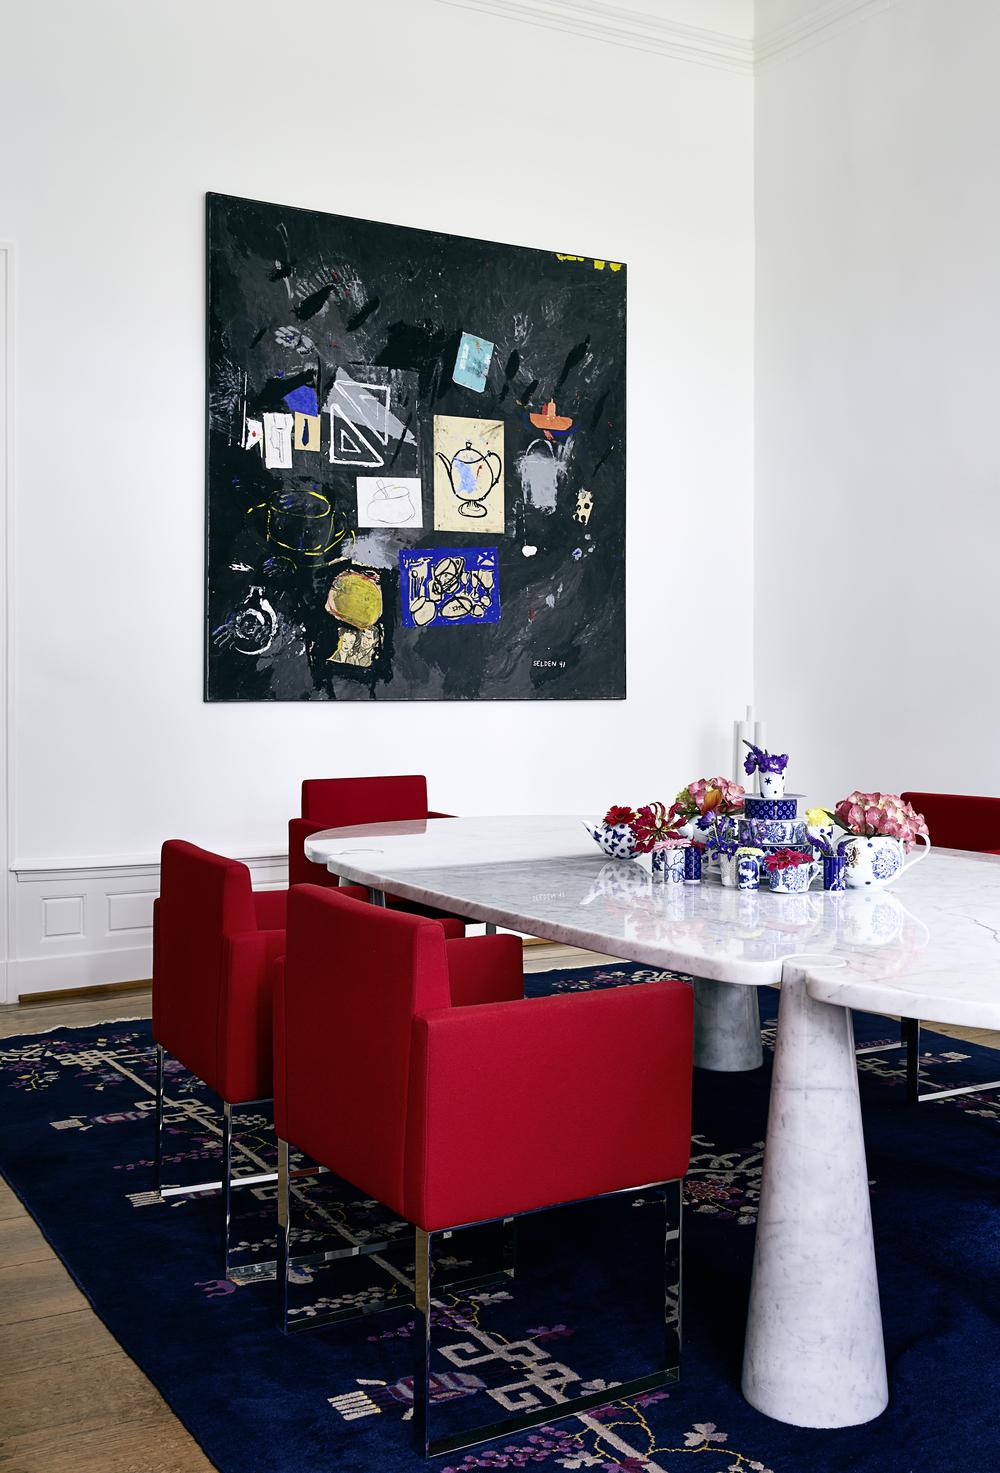 Harkotten_Dining room_01.jpg